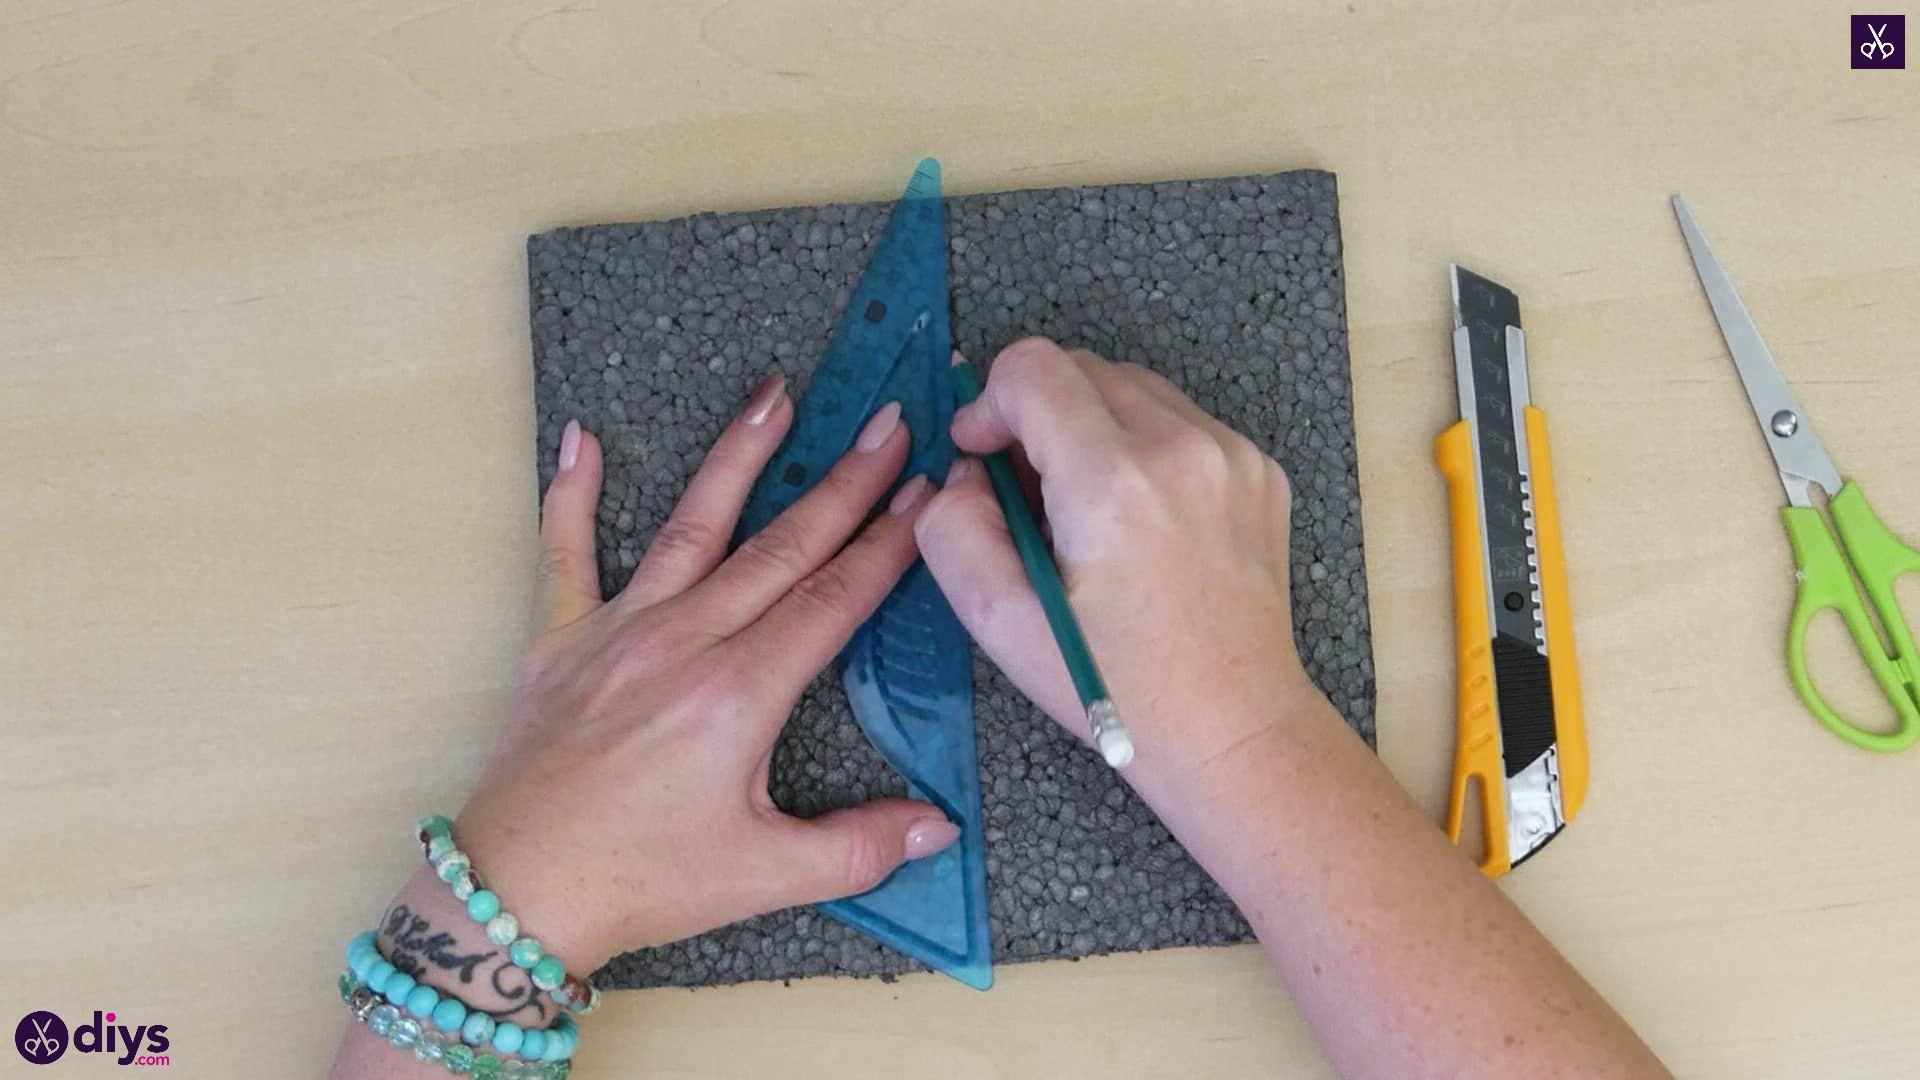 Diy miniature cage centerpiece step 2a